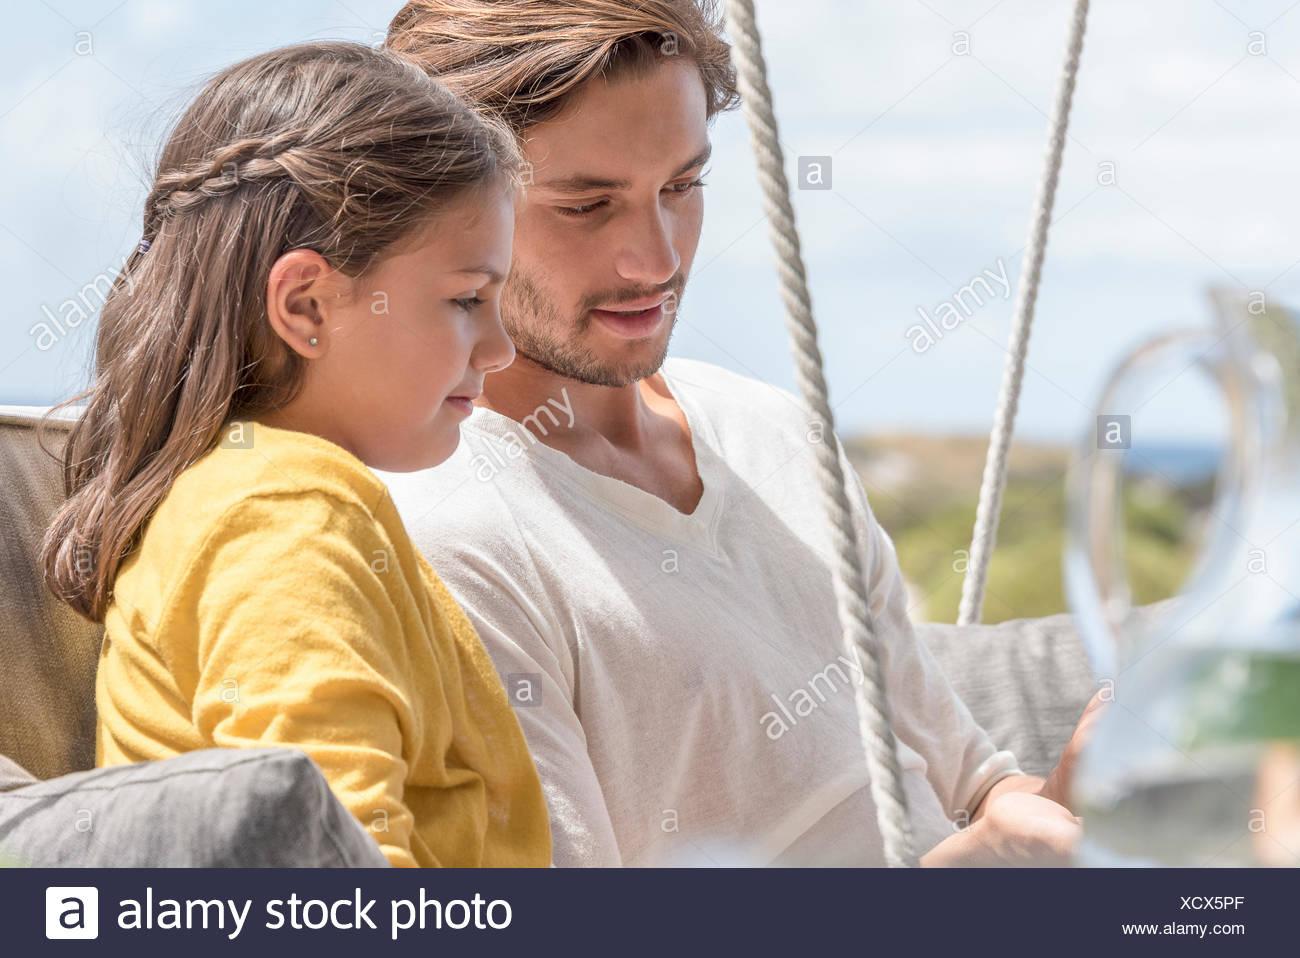 Padre feliz con su pequeña hija sentados juntos en mecedora Imagen De Stock